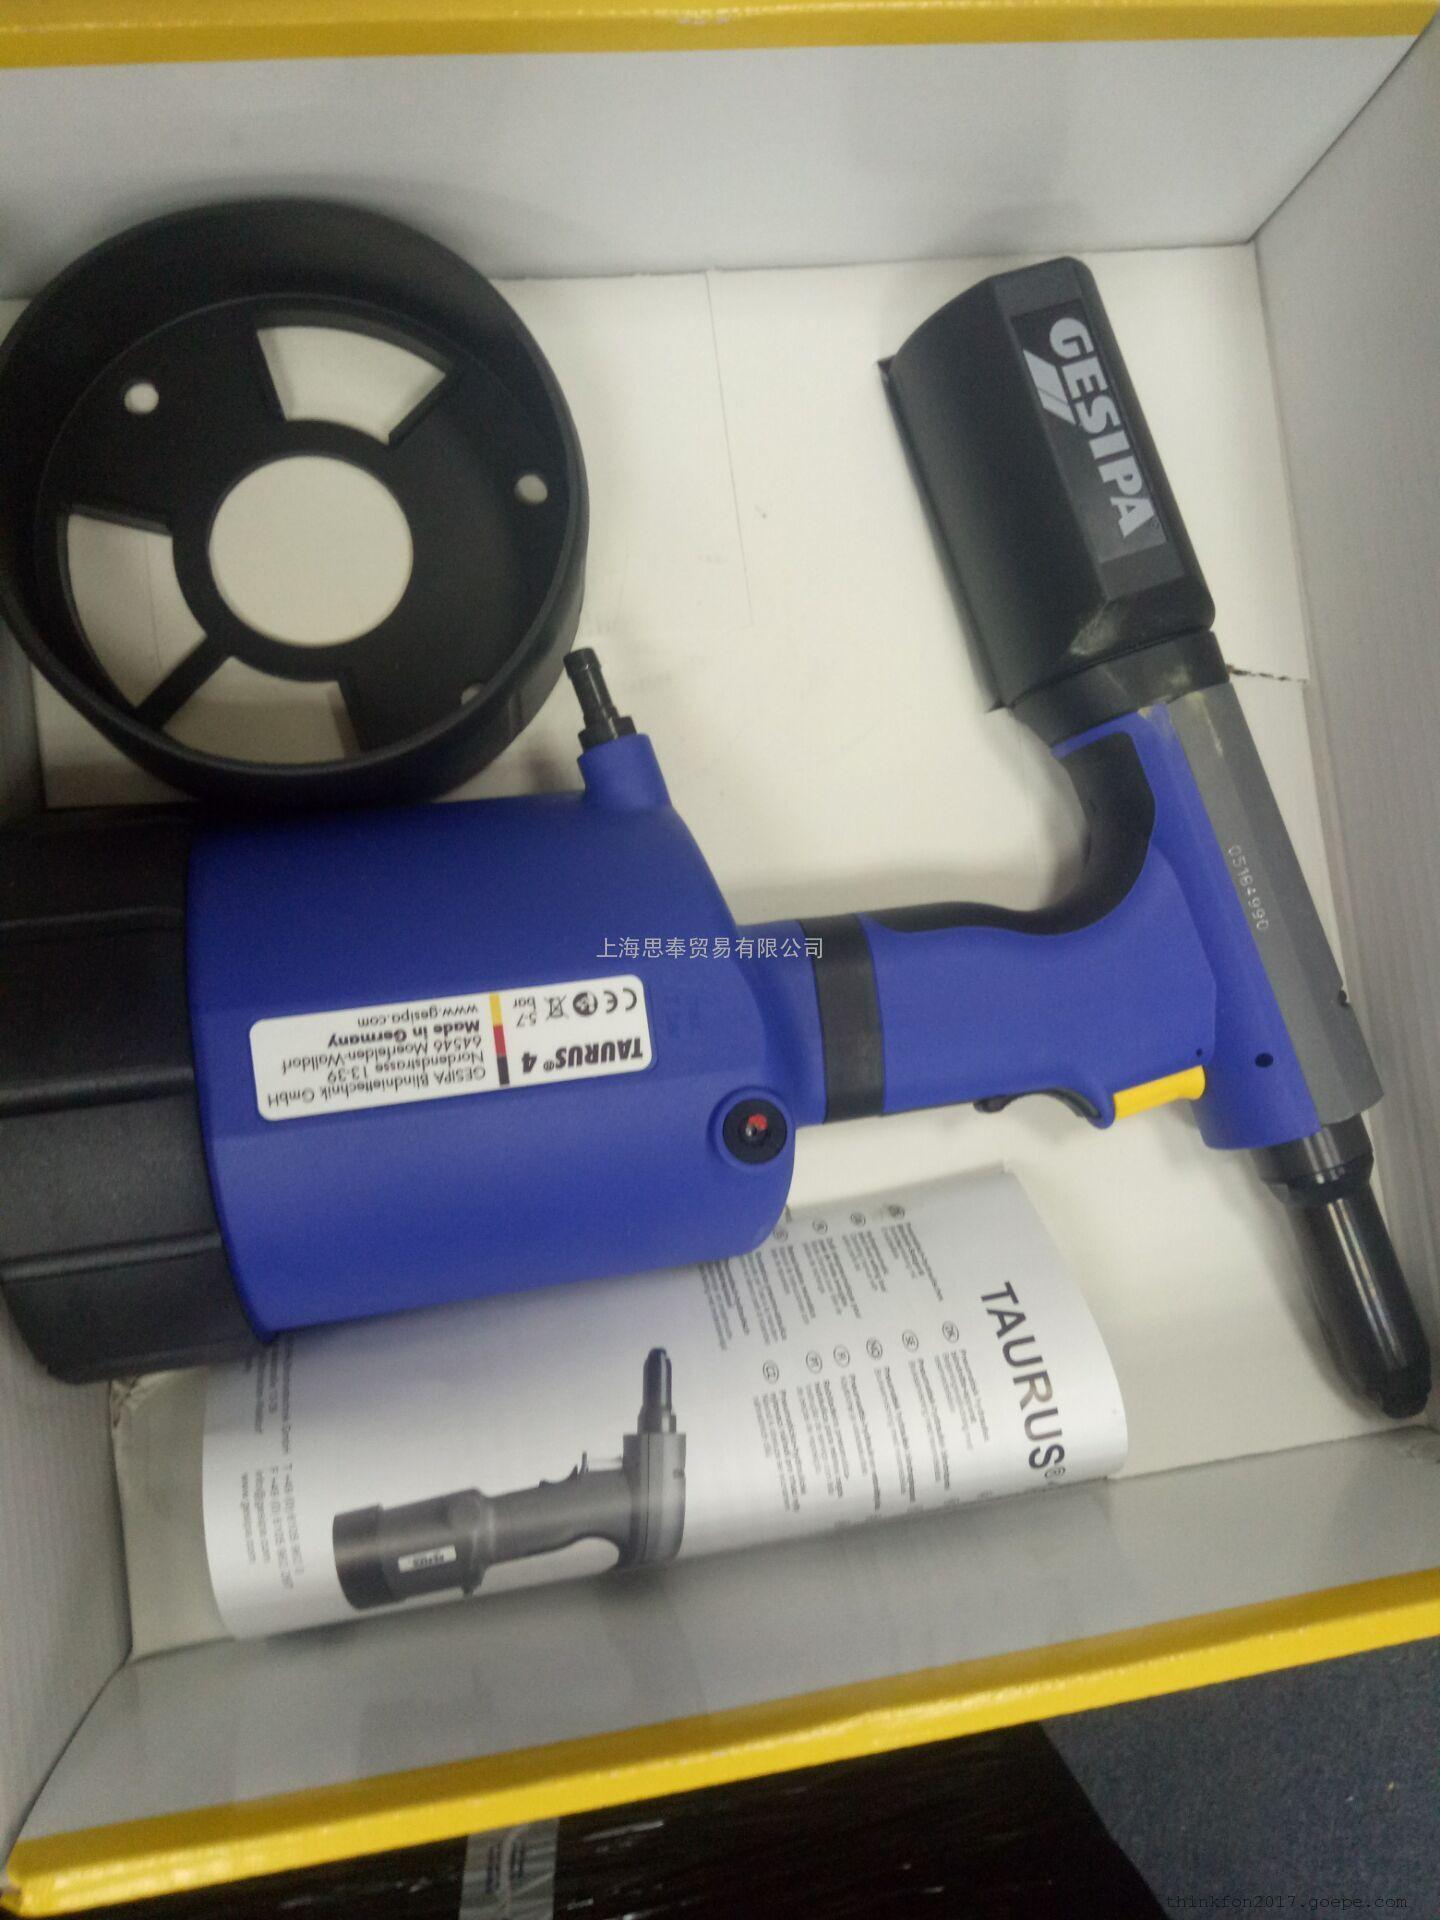 进口产品,强焊科技!W+S螺柱焊机295154